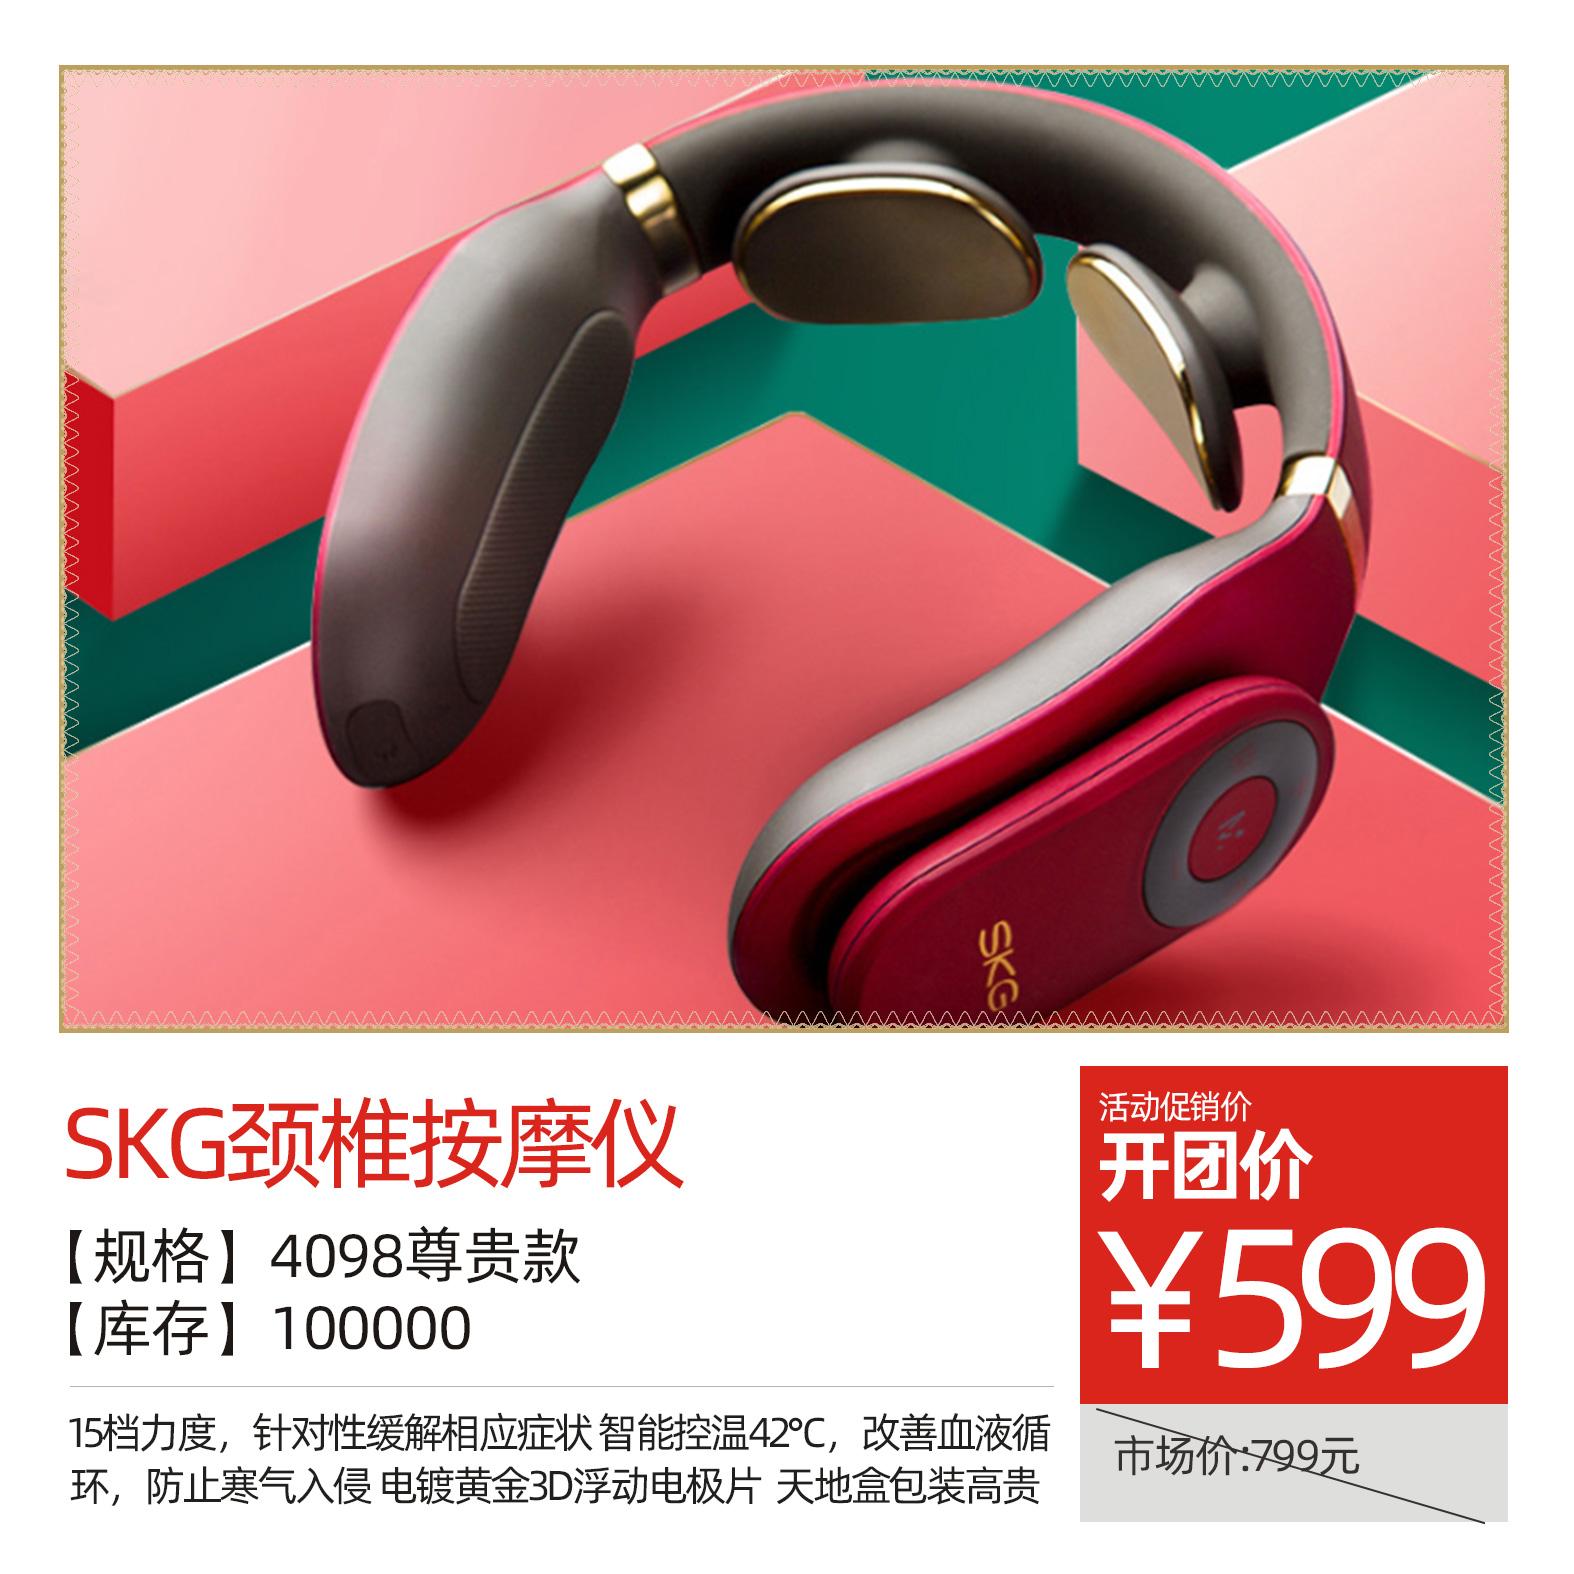 SKG颈椎按摩仪 【规格】:4098尊贵款